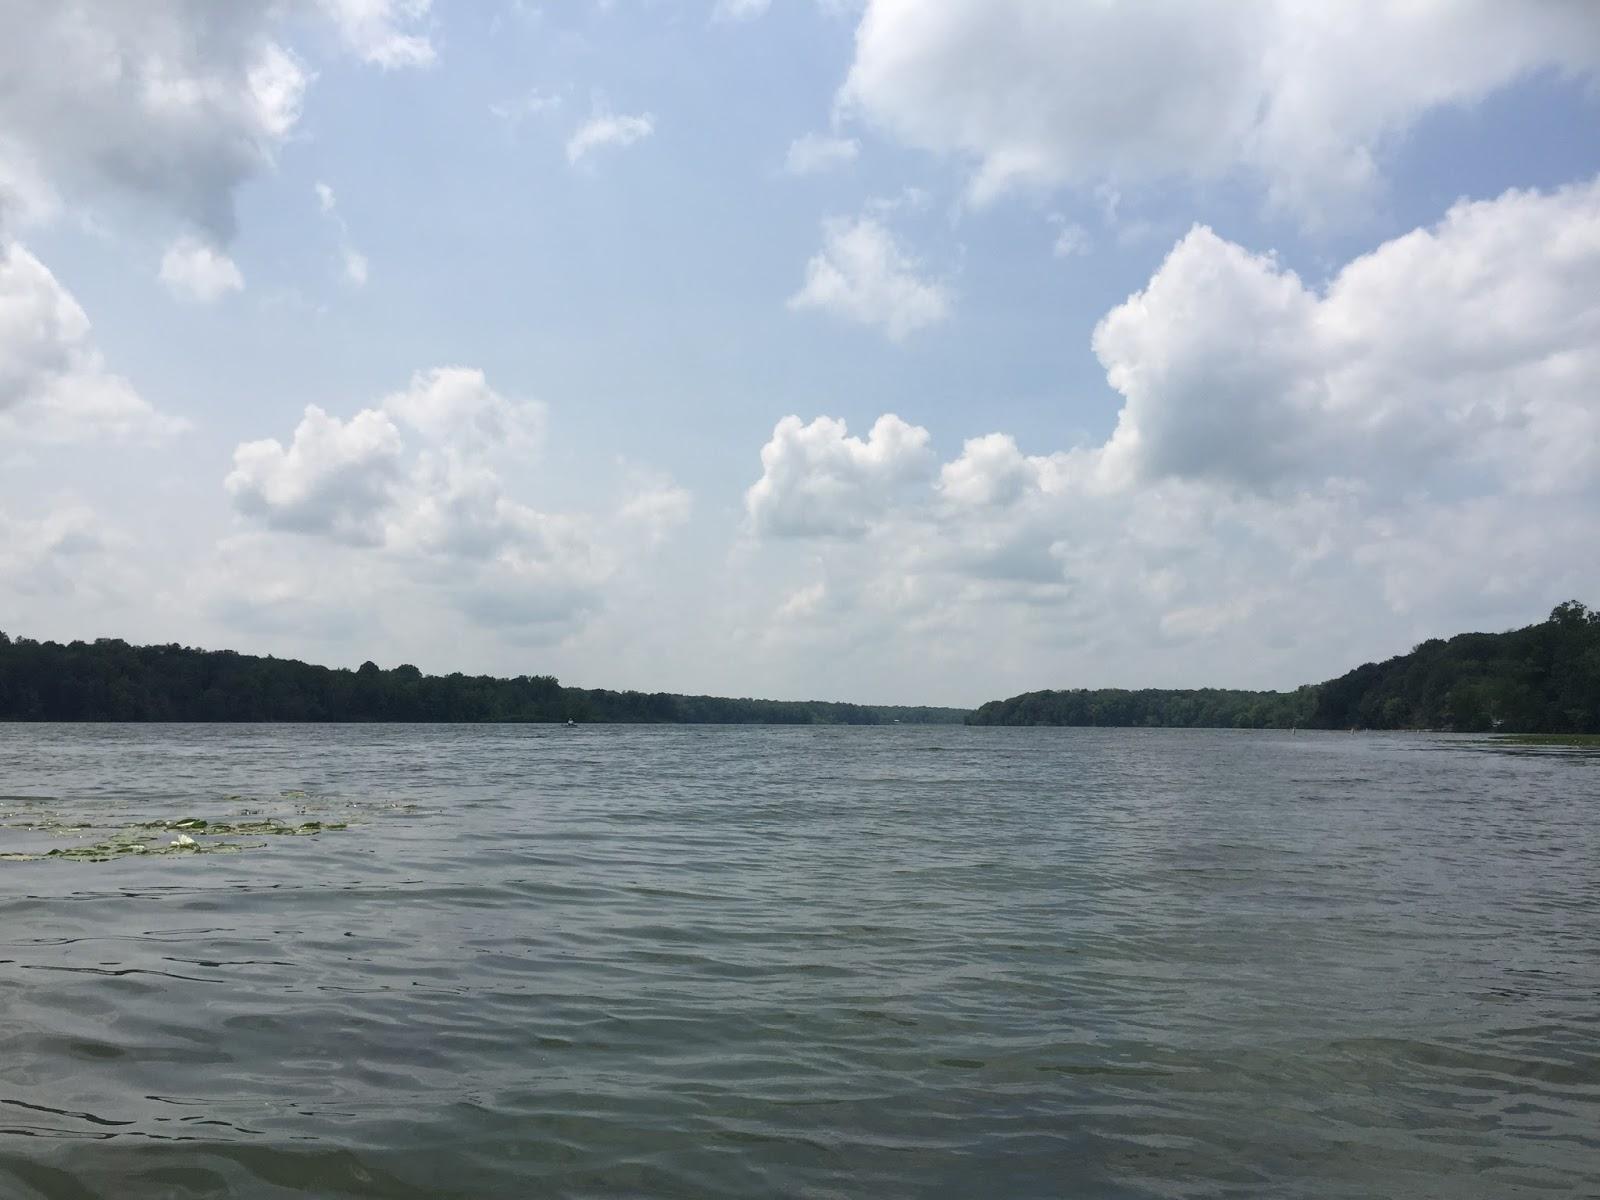 Kayaking Across Ohio Kiser Lake The Kindness Of Strangers - Kiser lake map